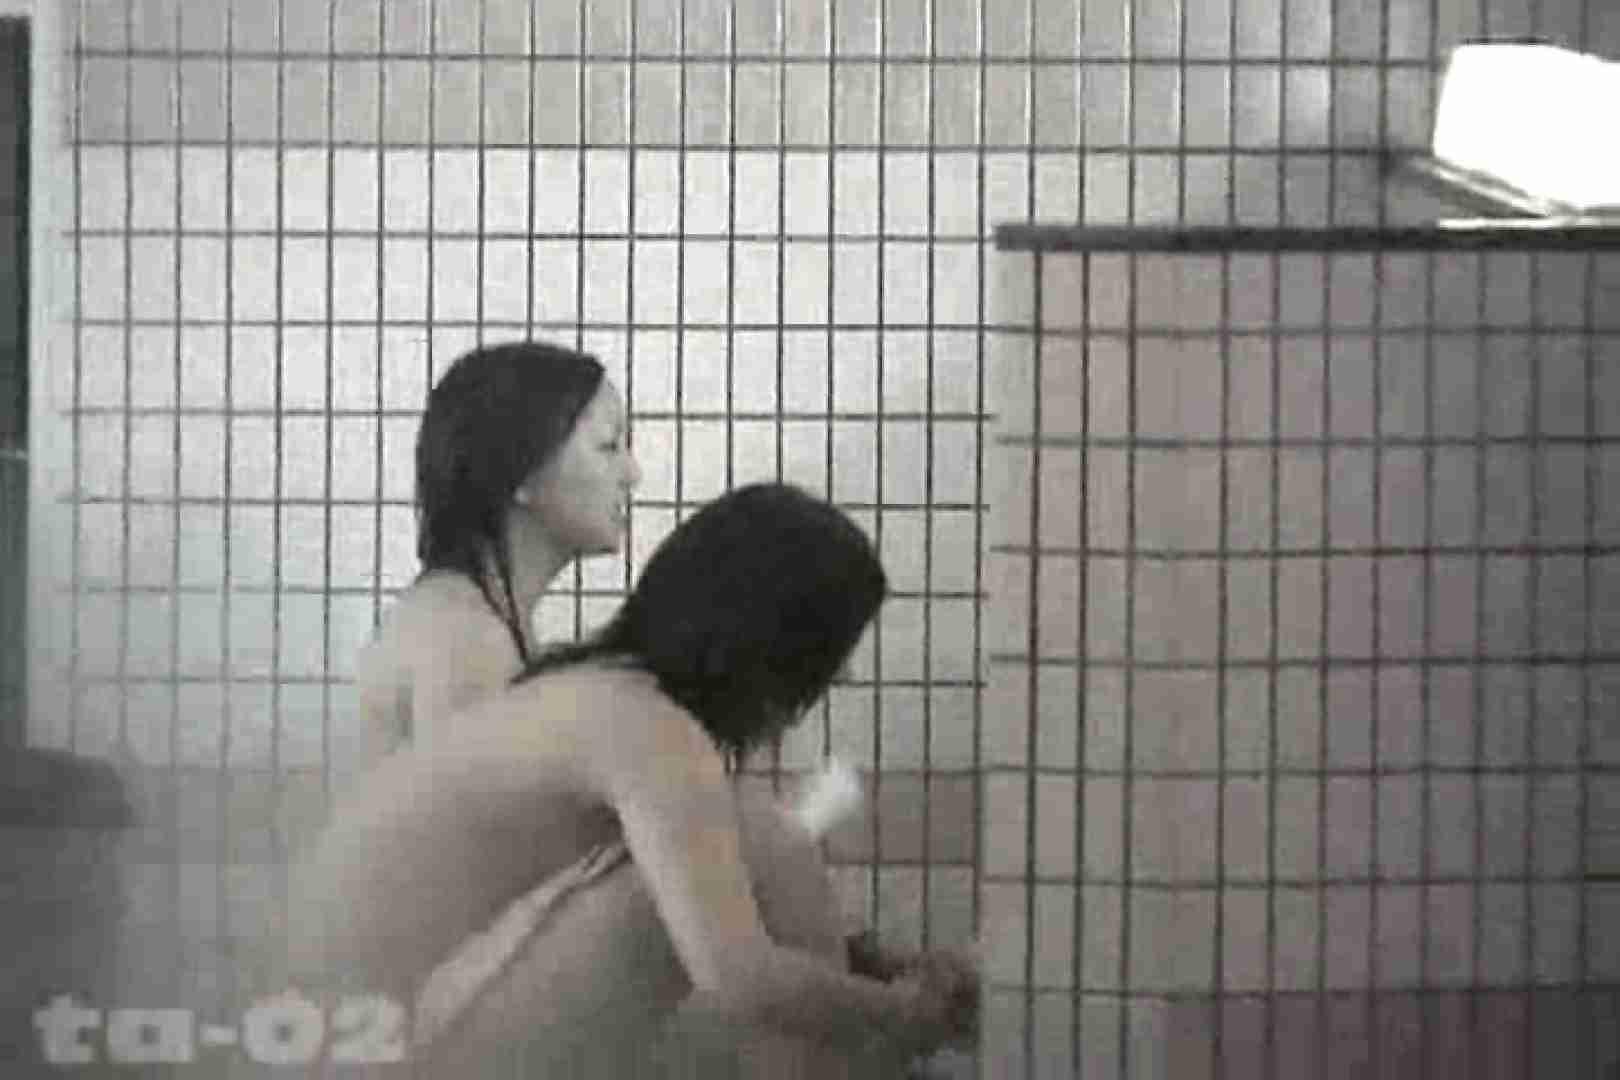 合宿ホテル女風呂盗撮高画質版 Vol.02 盗撮エロすぎ | ホテル  78連発 77